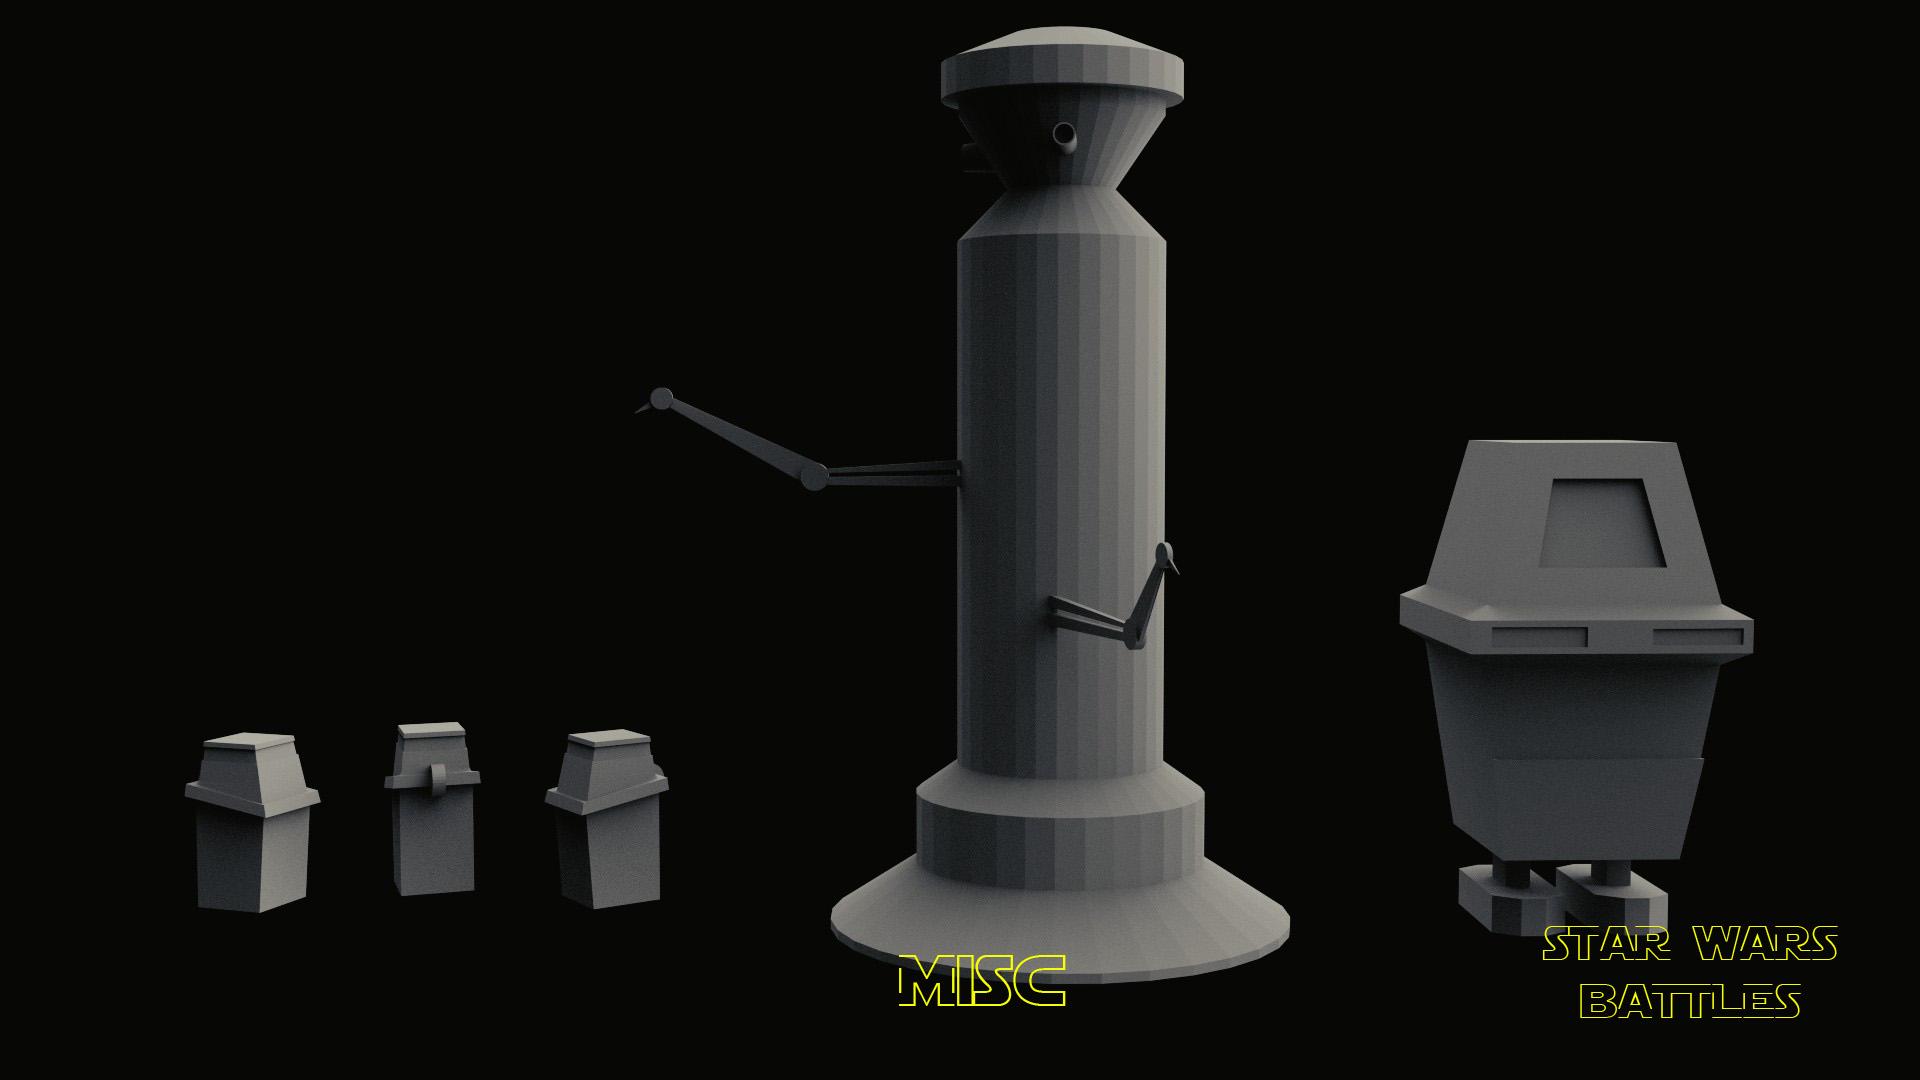 Msic render